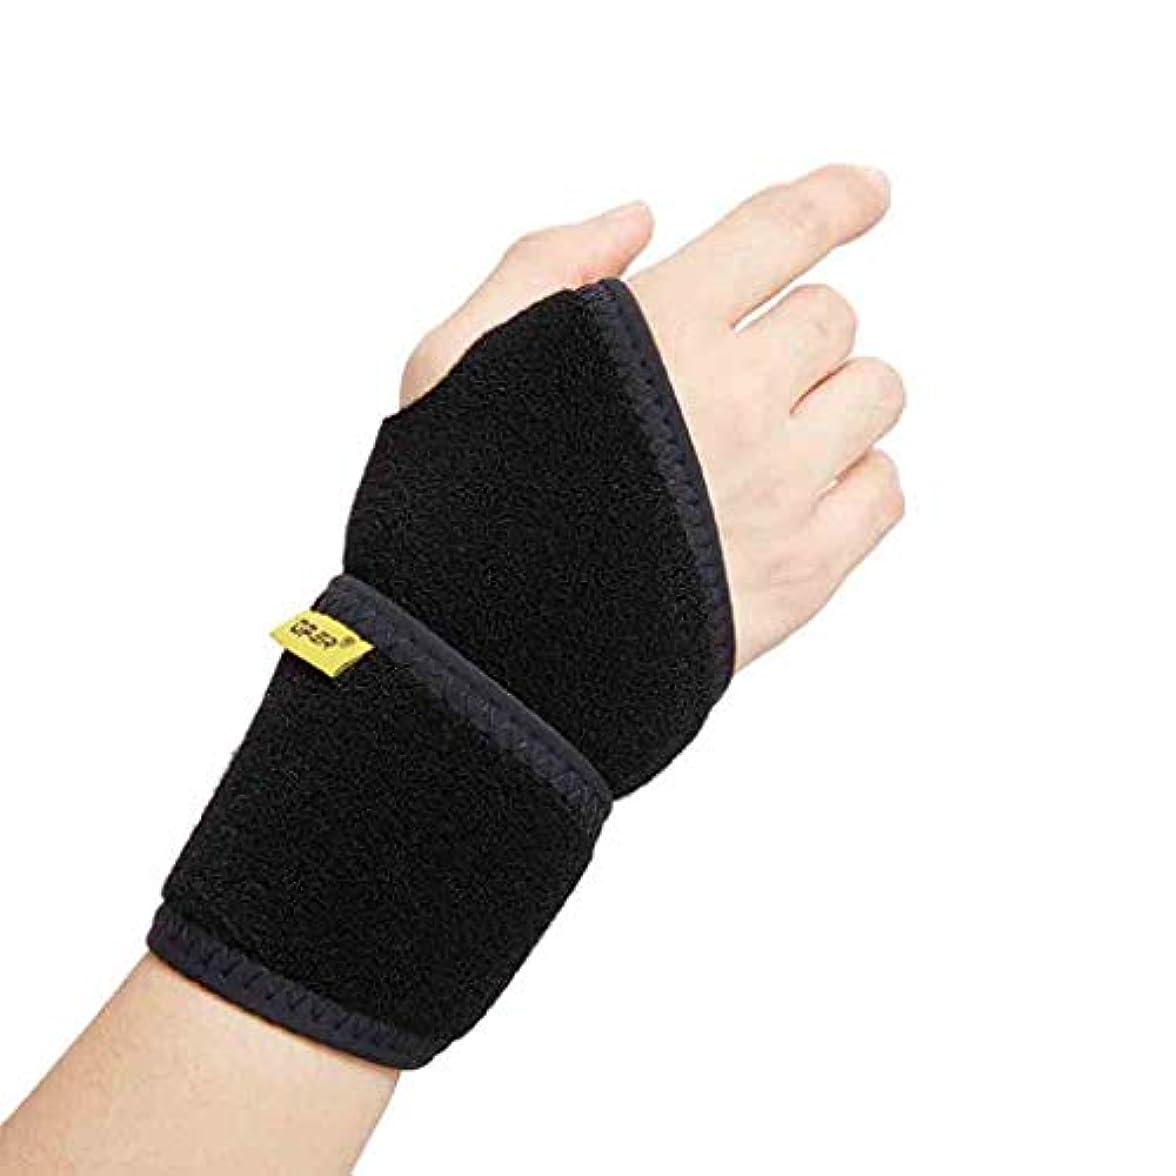 舌手段関節炎のためのThumbのスプリントは右手の手首サポート左手手根サポートを手根管トンネルの痛みを軽減するための男性と女性をトリガー Roscloud@